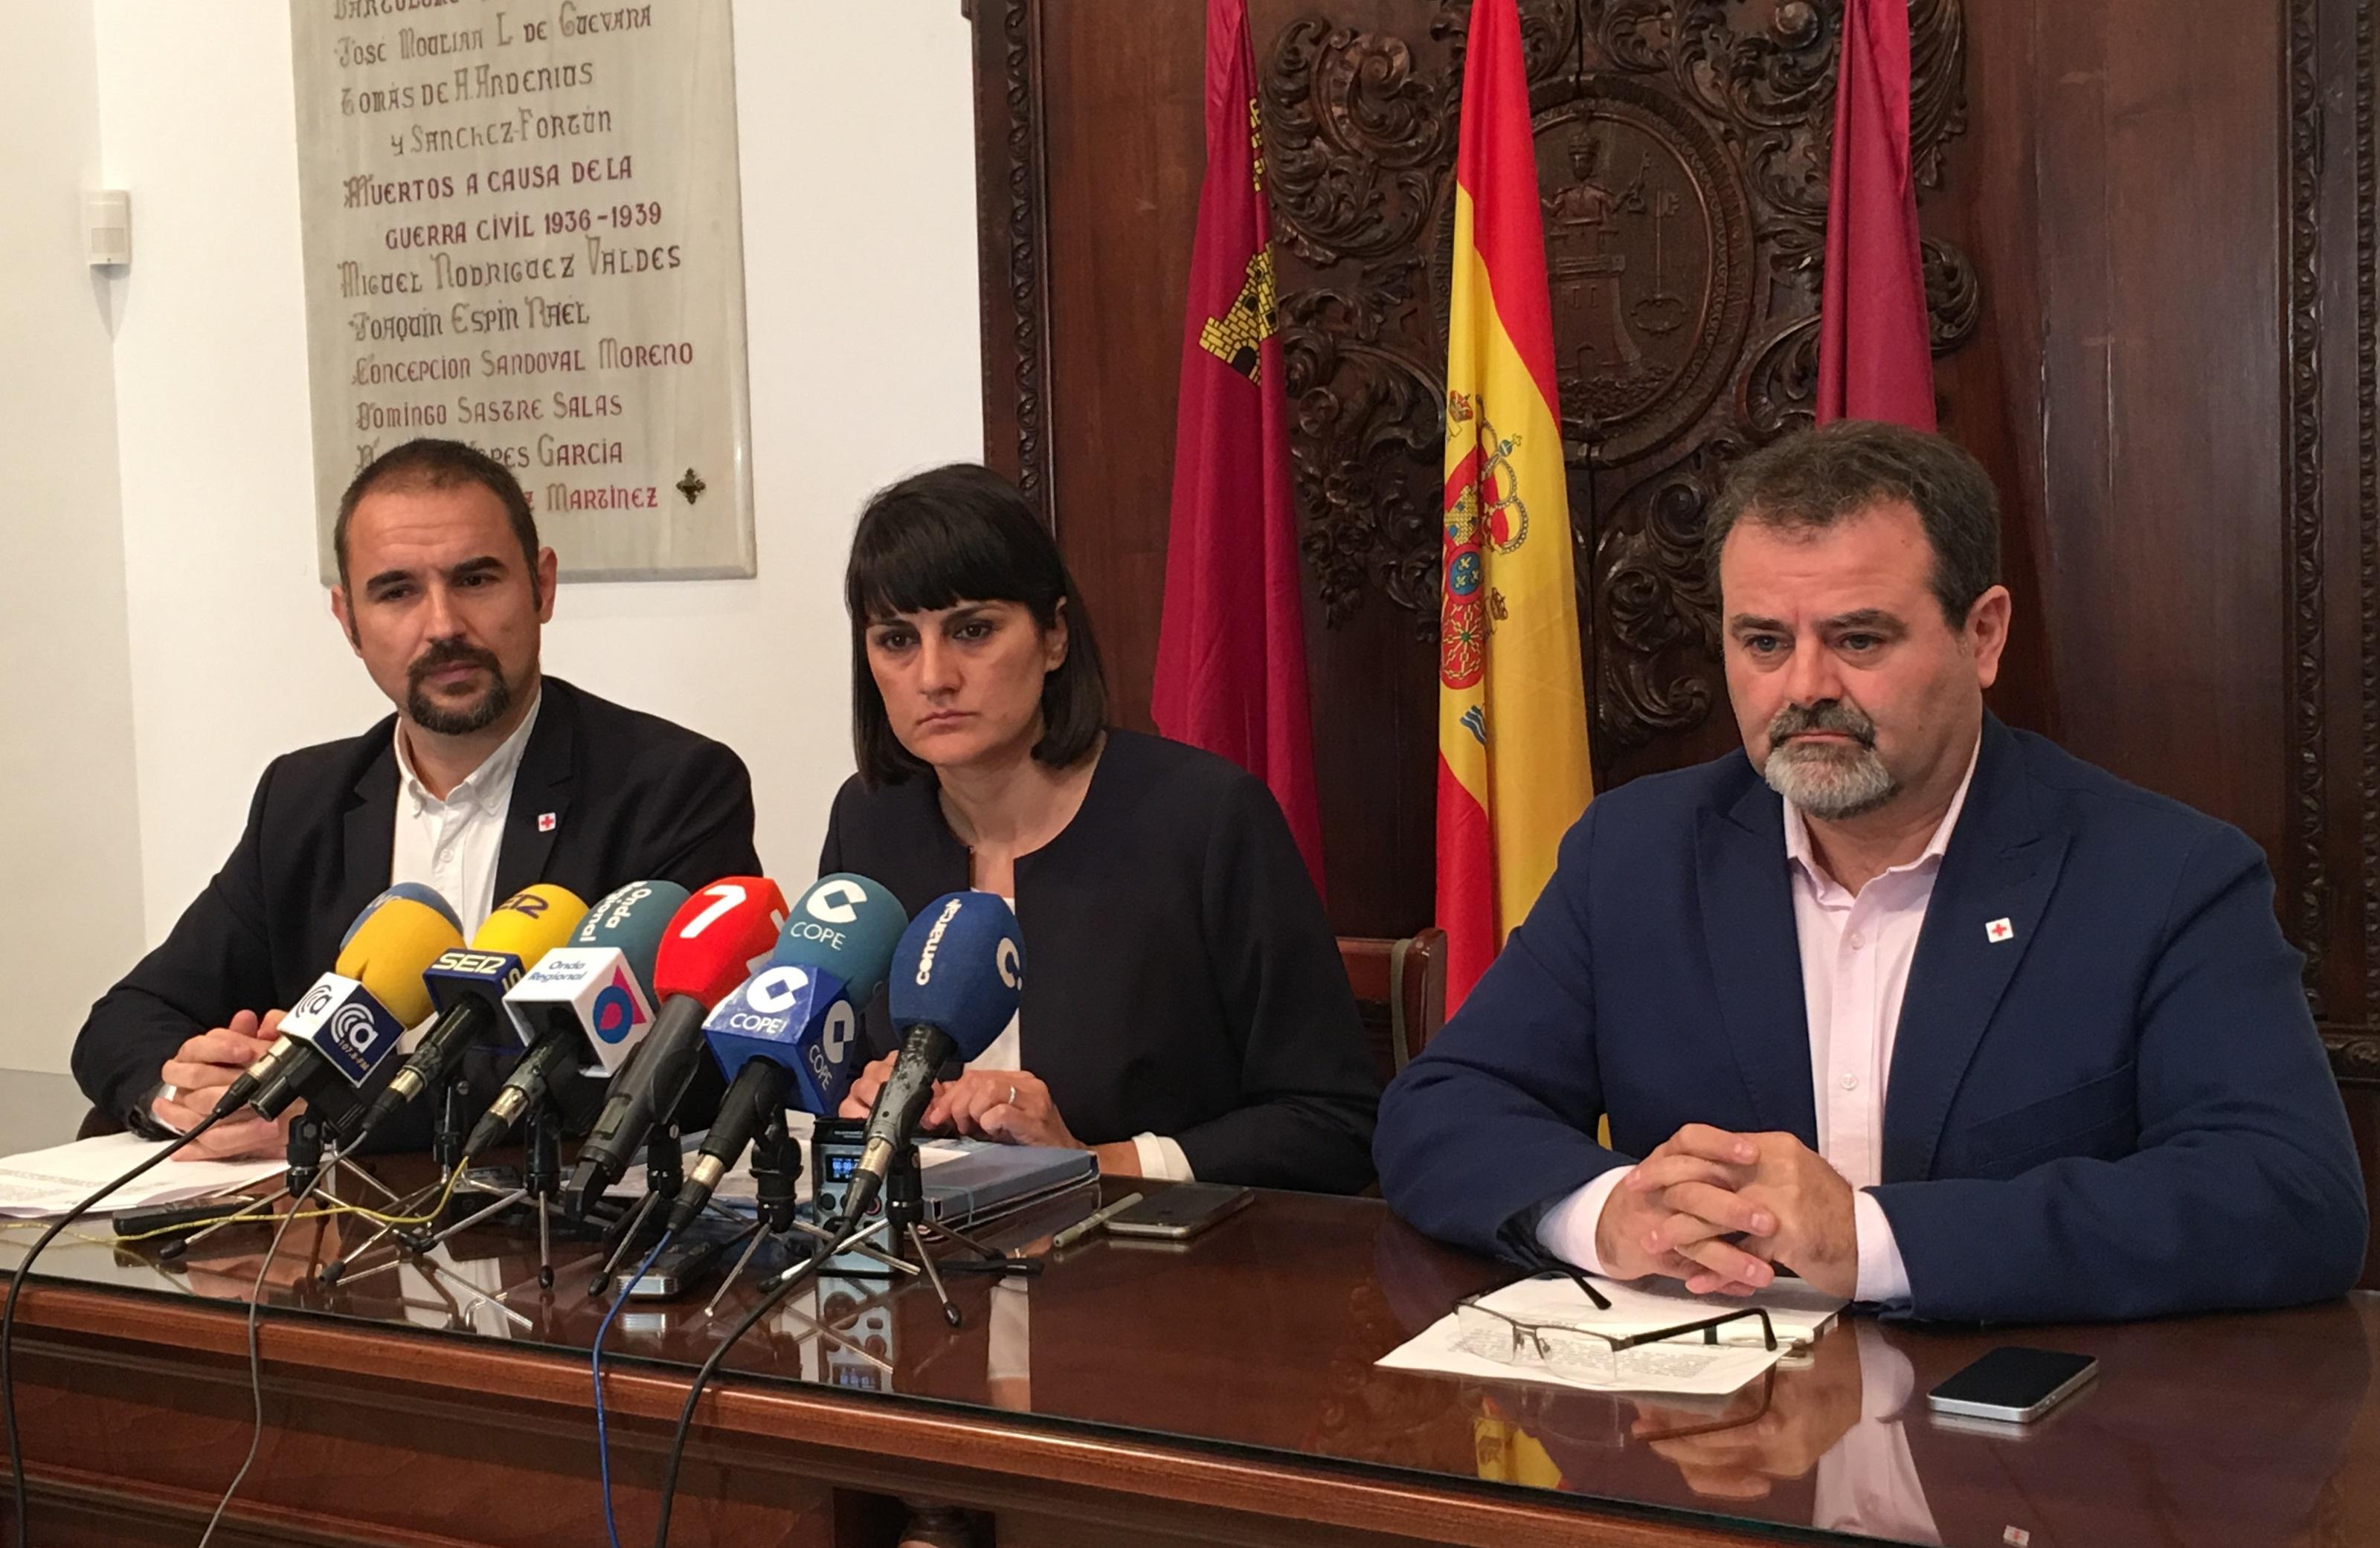 El PSOE lleva hasta el Congreso de los Diputados la problemática por la justificación de la ayudas a los afectados por los terremotos